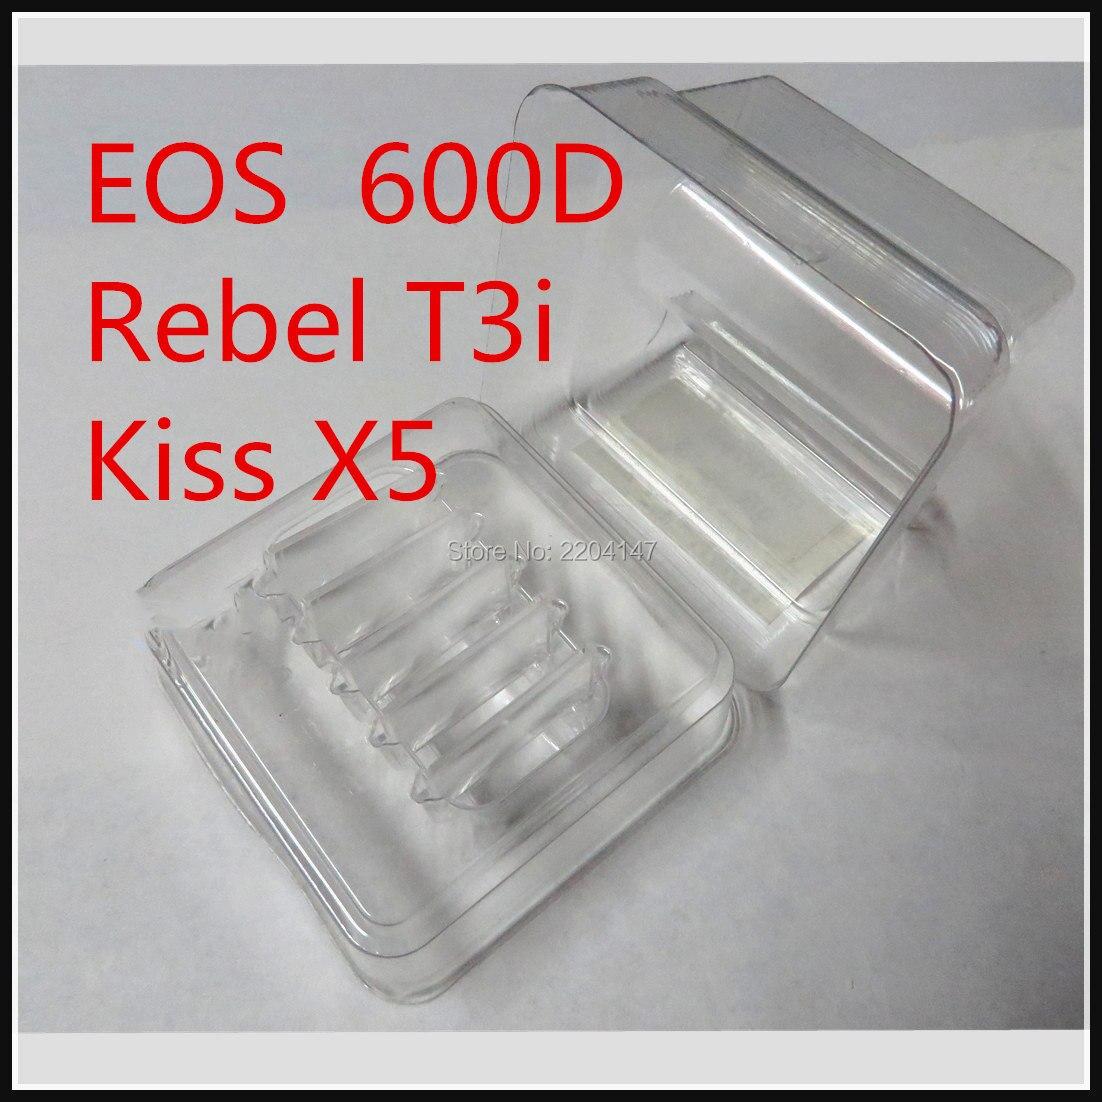 New Original  Focusing Screen For Canon  EOS 600D Rebel T3i Kiss X5 Digital Camera Repair Part